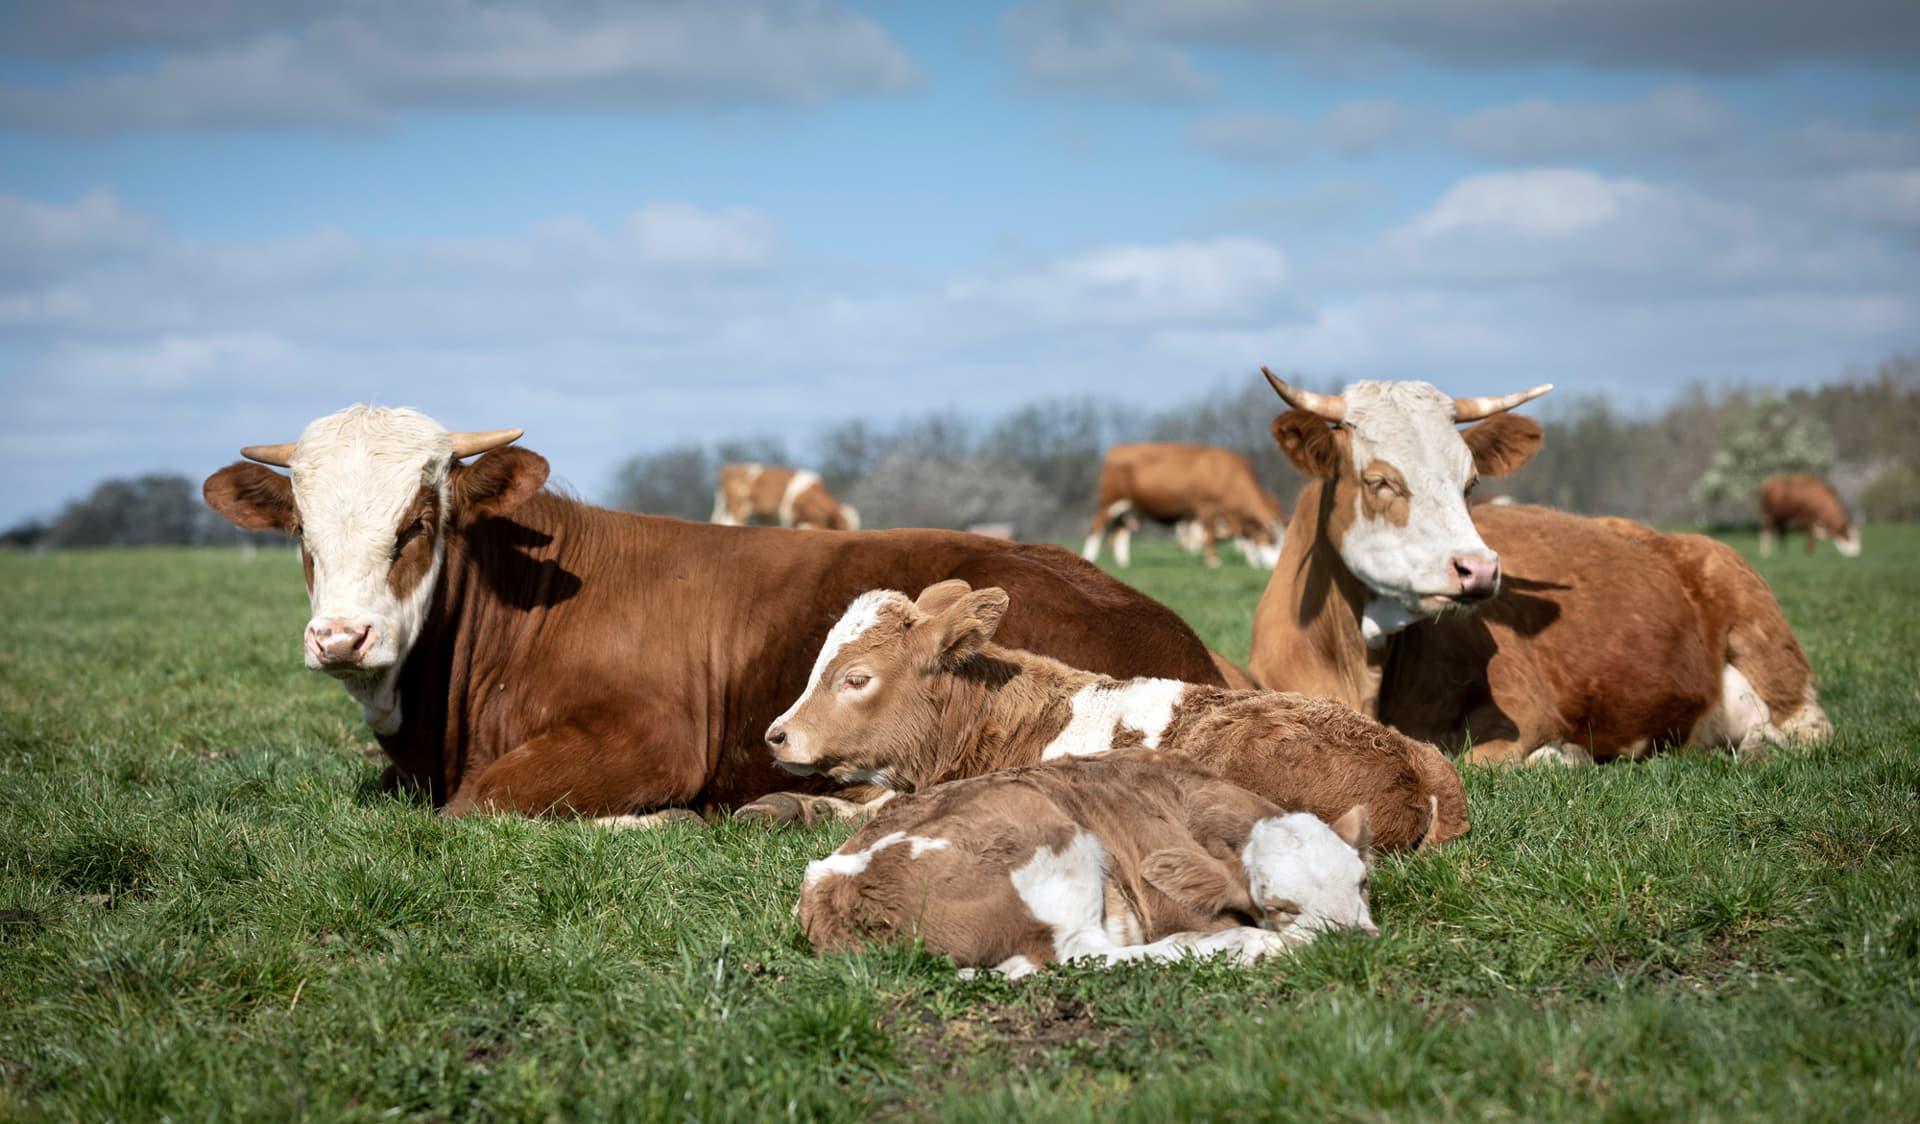 Uria-Kühe mit Kälbern auf Wiese